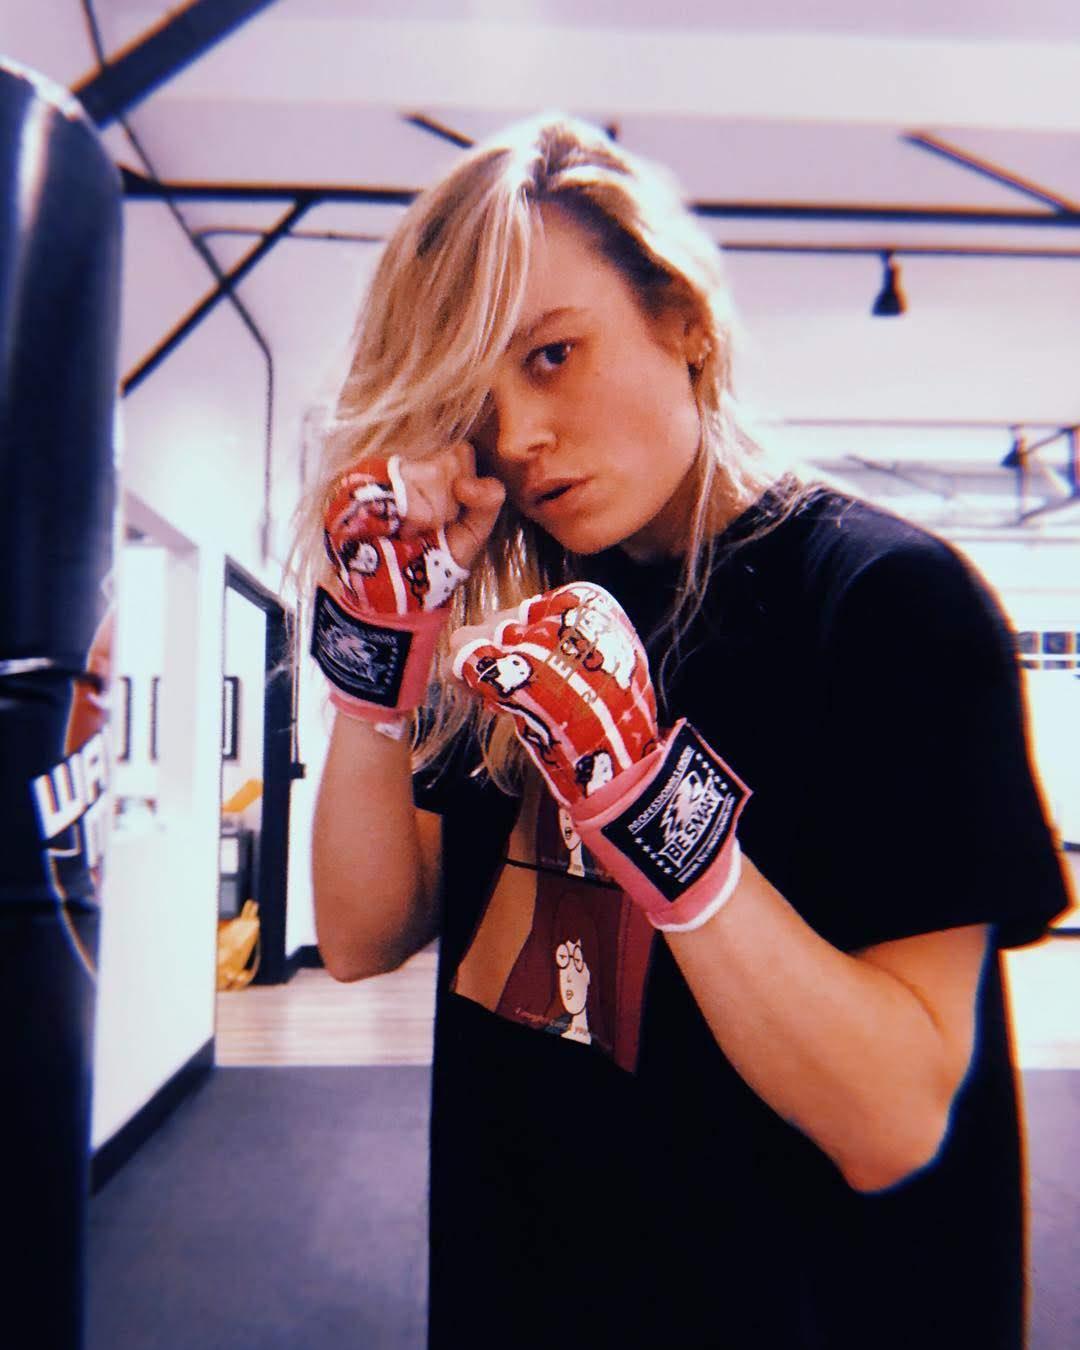 Brie Larson into the Spider-Verse : オスカー女優のブリー・ラーソンが、アベンジャーズ最強のキャプテン・マーベルのみならず、さらにスパイダー・ピープルの役も狙っているらしいことを明らかにしてくれた特訓ビデオ ? !